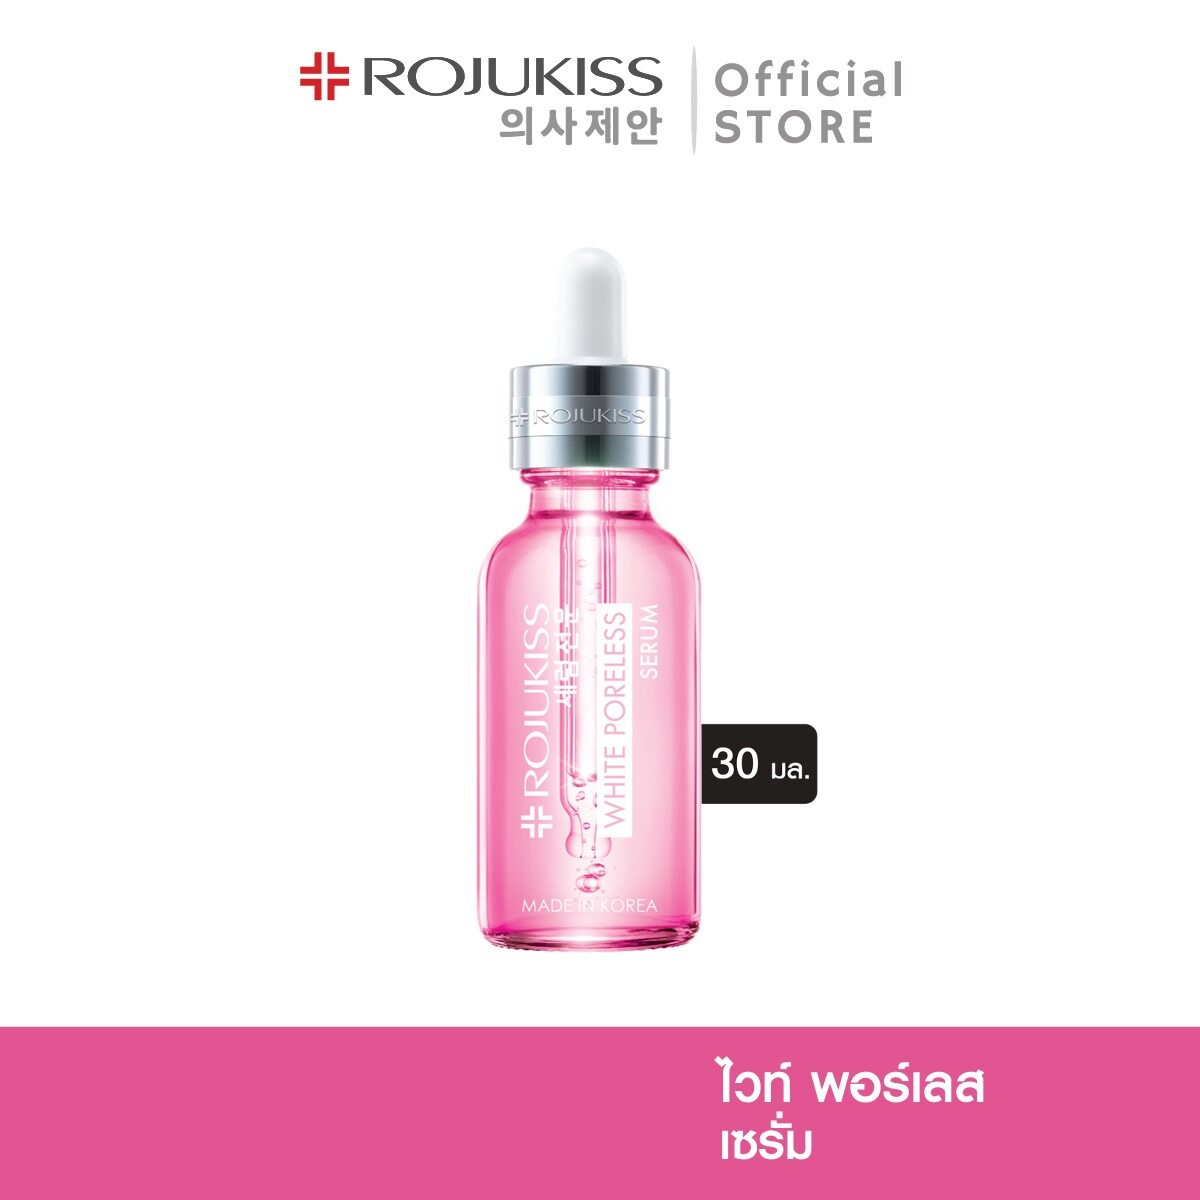 โรจูคิส ไวท์ พอร์เลส เซรั่ม 30 มล. Rojukiss White Poreless Serum 30 ml (เซรั่มบำรุงผิว สกินแคร์ เกาหลี เซรั่มหน้าขาว หน้าใส)